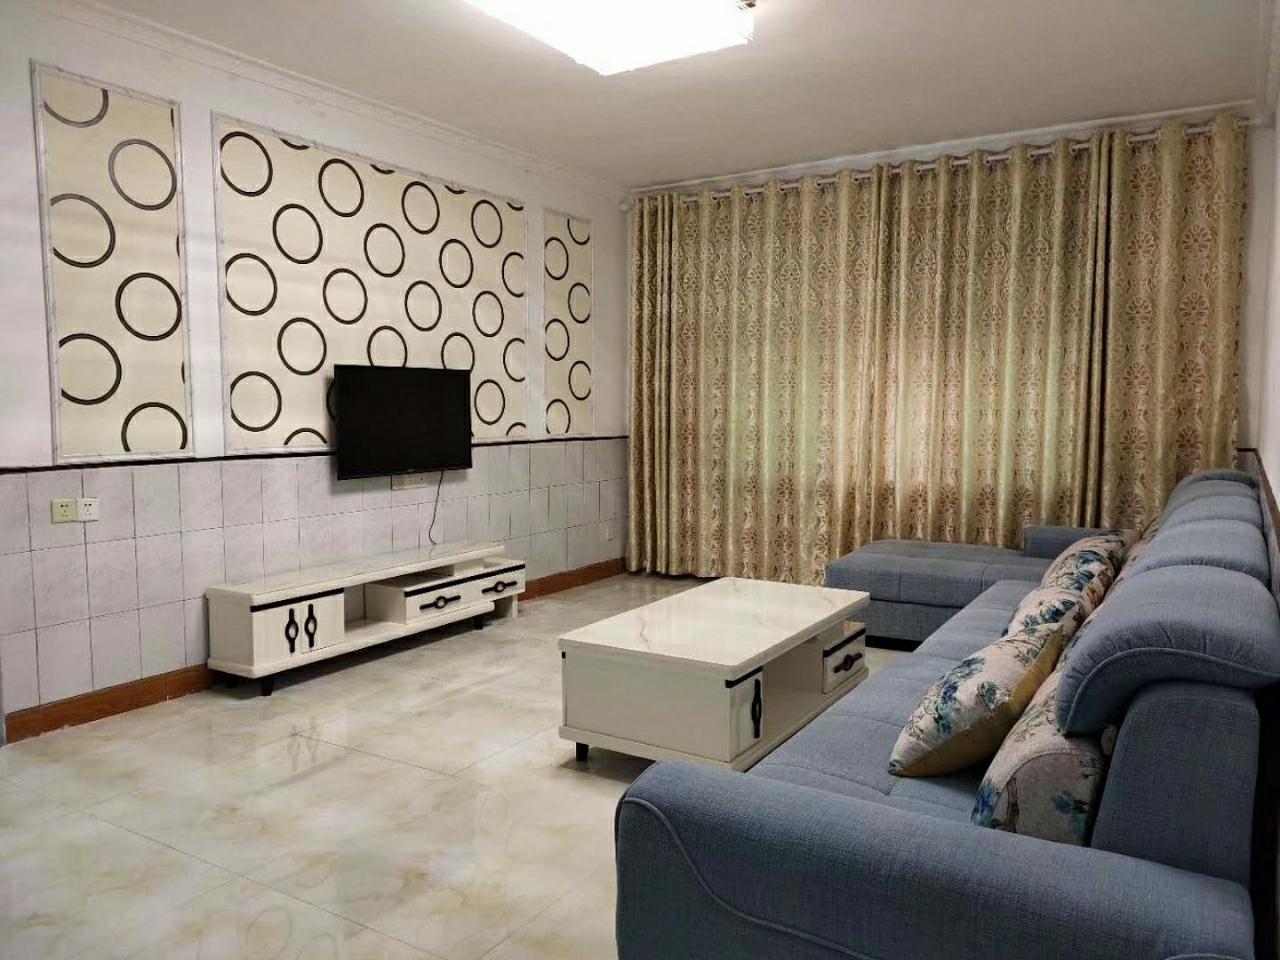 义园街3室2厅2卫精装3楼128平米48万元